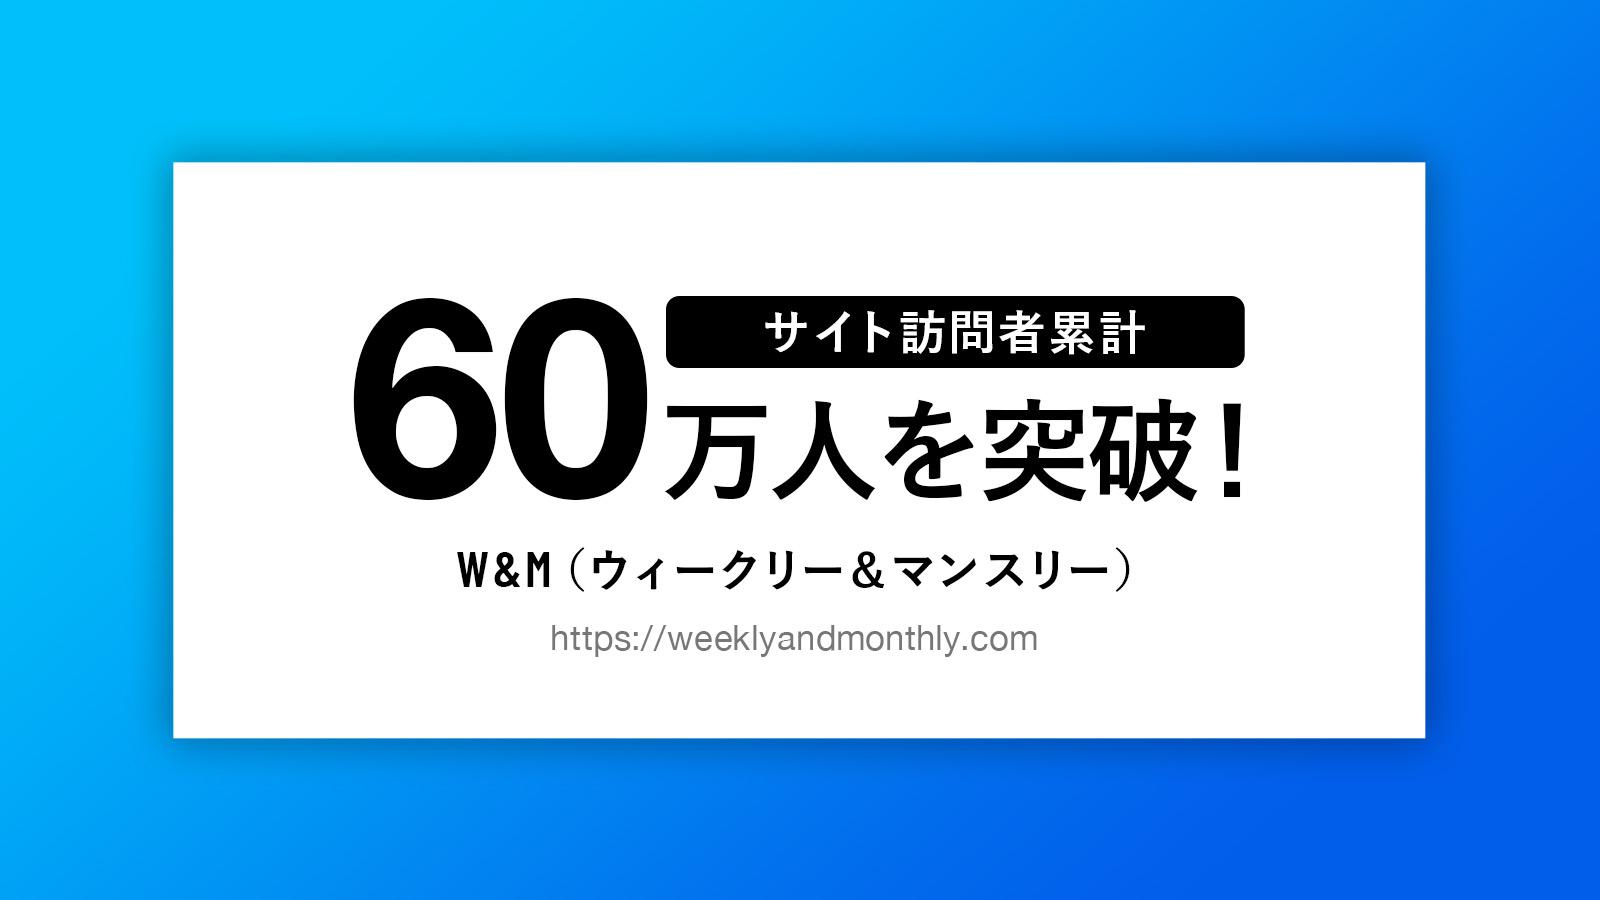 【PR】W&M(ウィークリー &マンスリー) サイト訪問者累計60万人を突破!